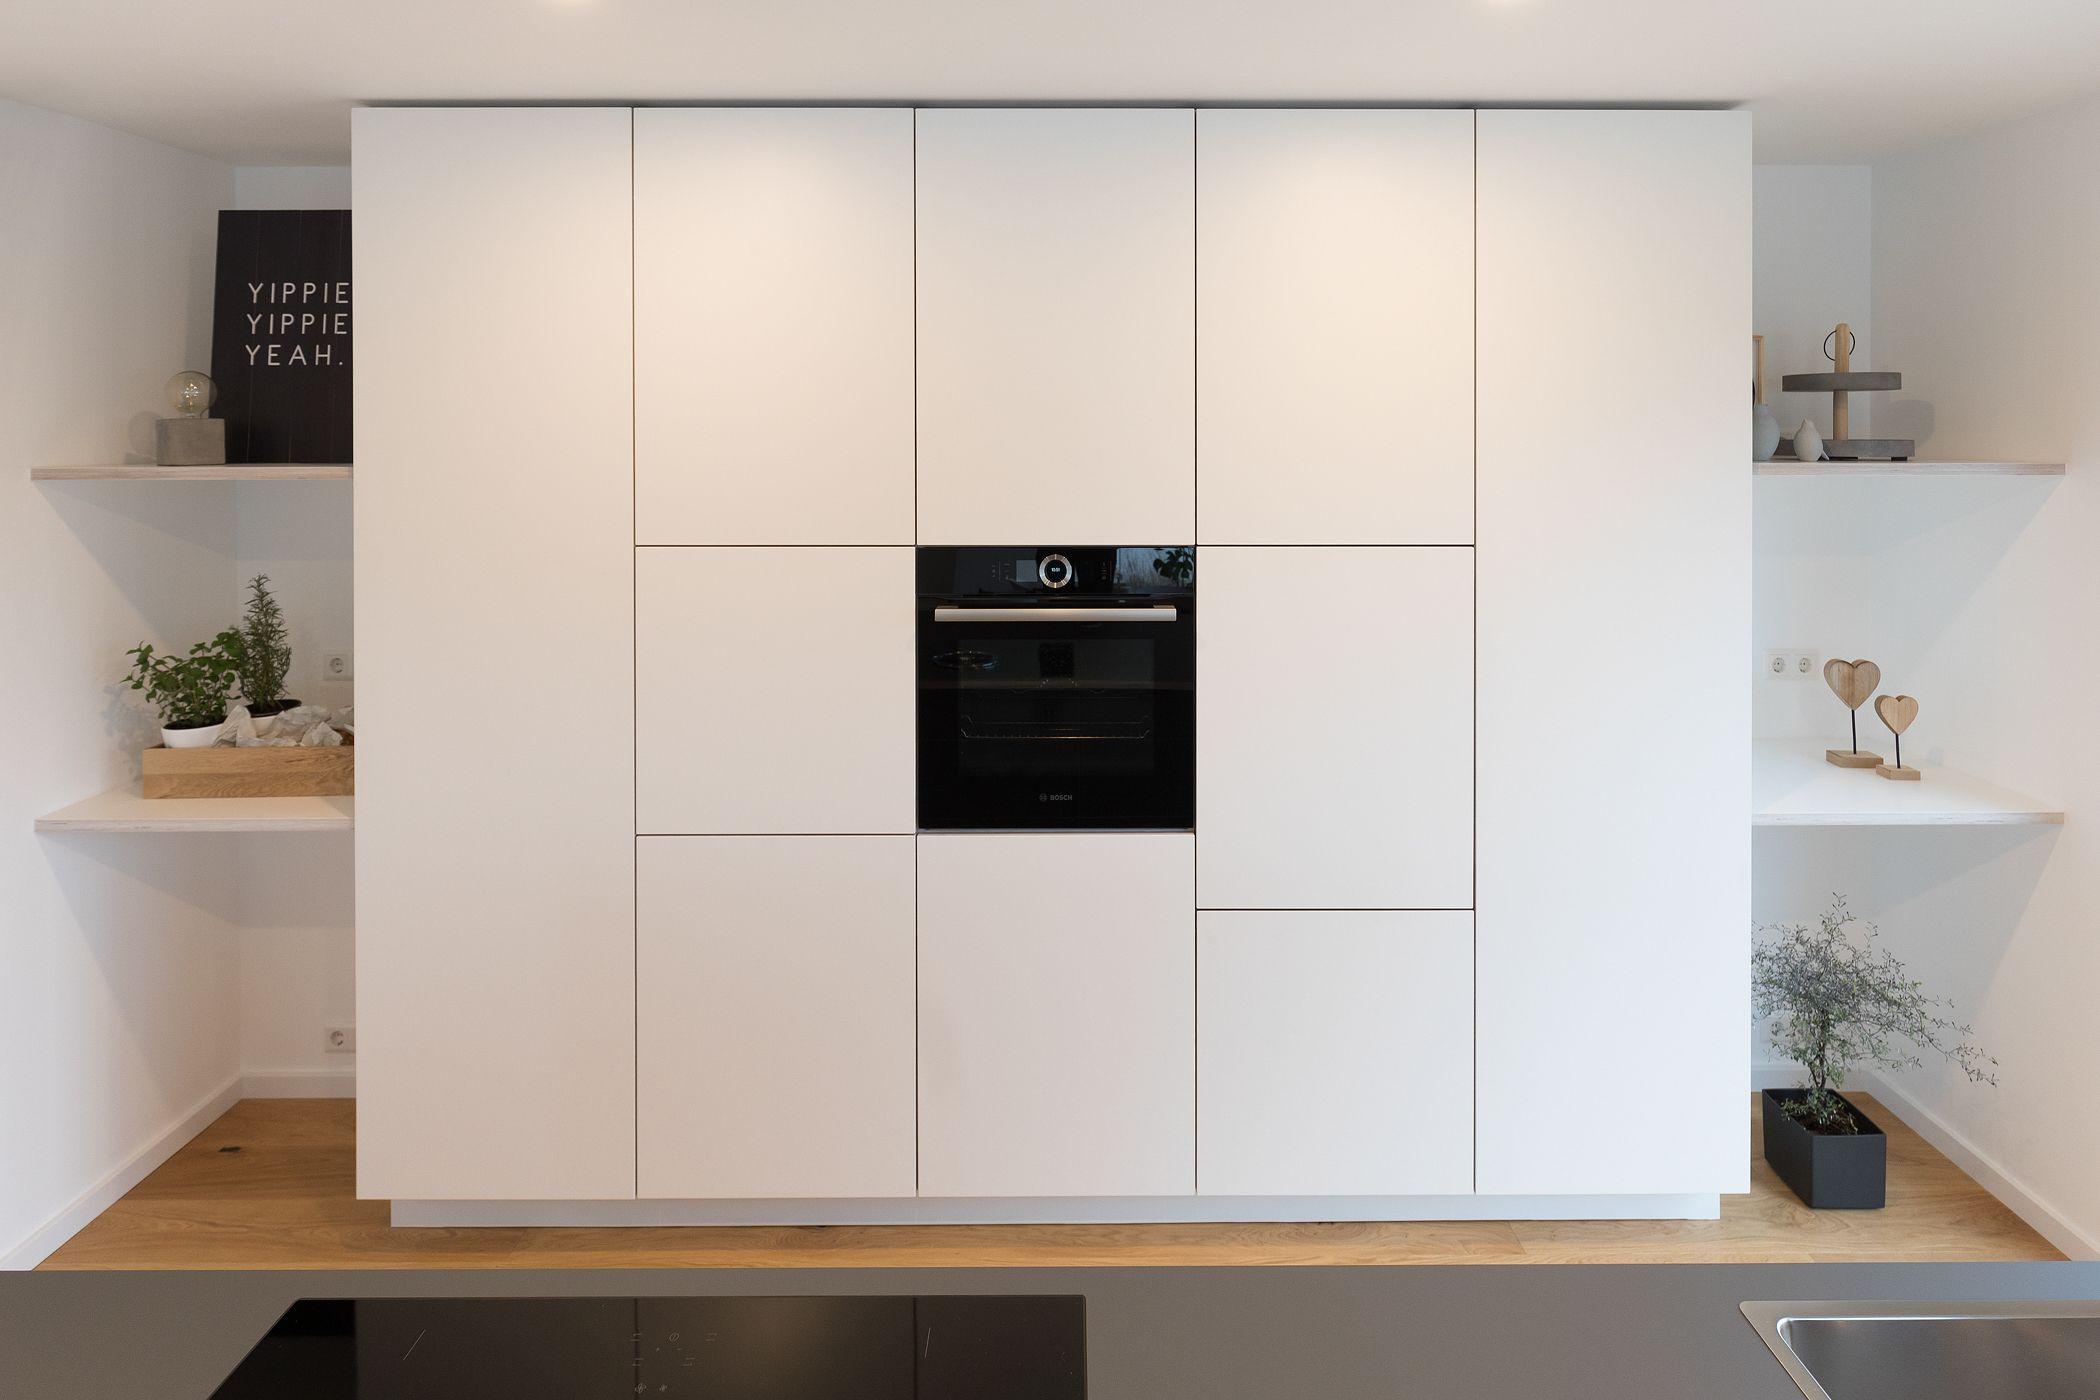 Full Size of Splmaschine Grifflose Kche Wei Hcker Mit Insel Ikea Müllsystem Küche Wohnzimmer Häcker Müllsystem